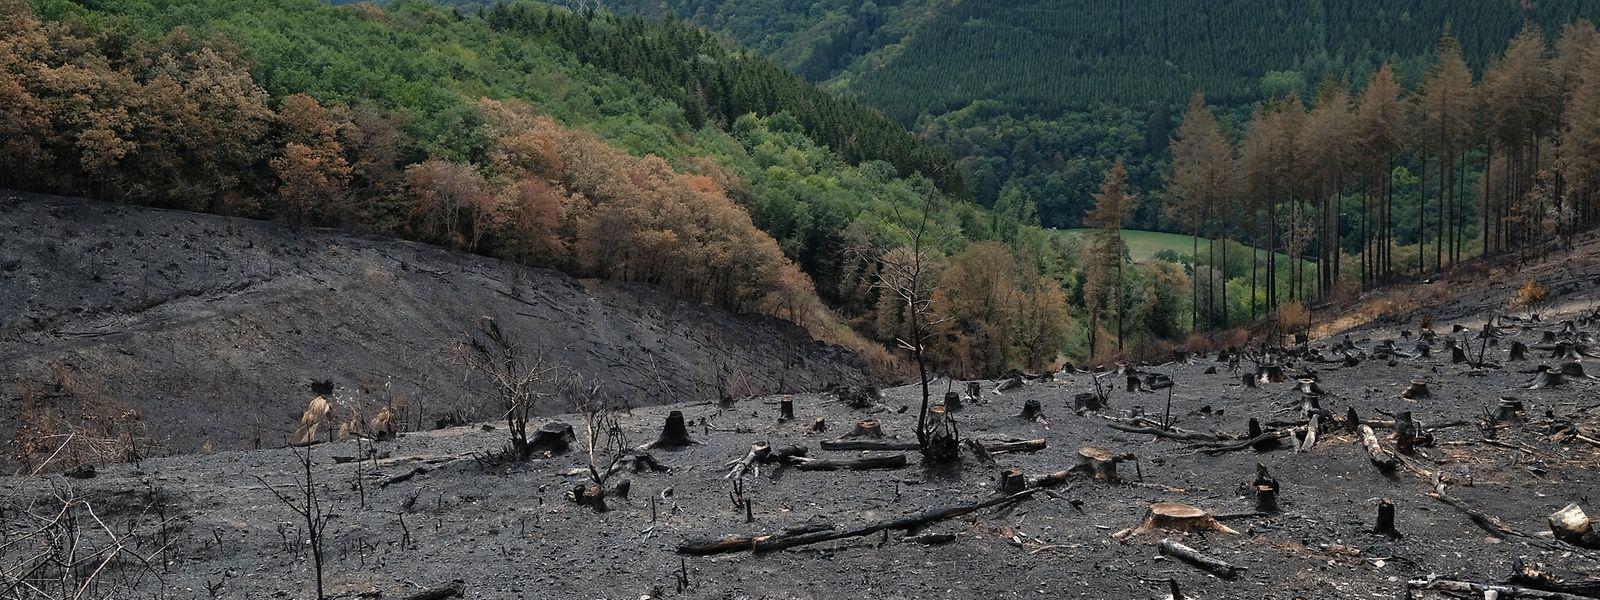 Bis sich Wald und Flur von den Flammen erholt haben, wird noch viel Zeit vergehen. Derzeit gleichen die rund zehn Hektar bei Schlindermanderscheid einer Mondlandschaft.